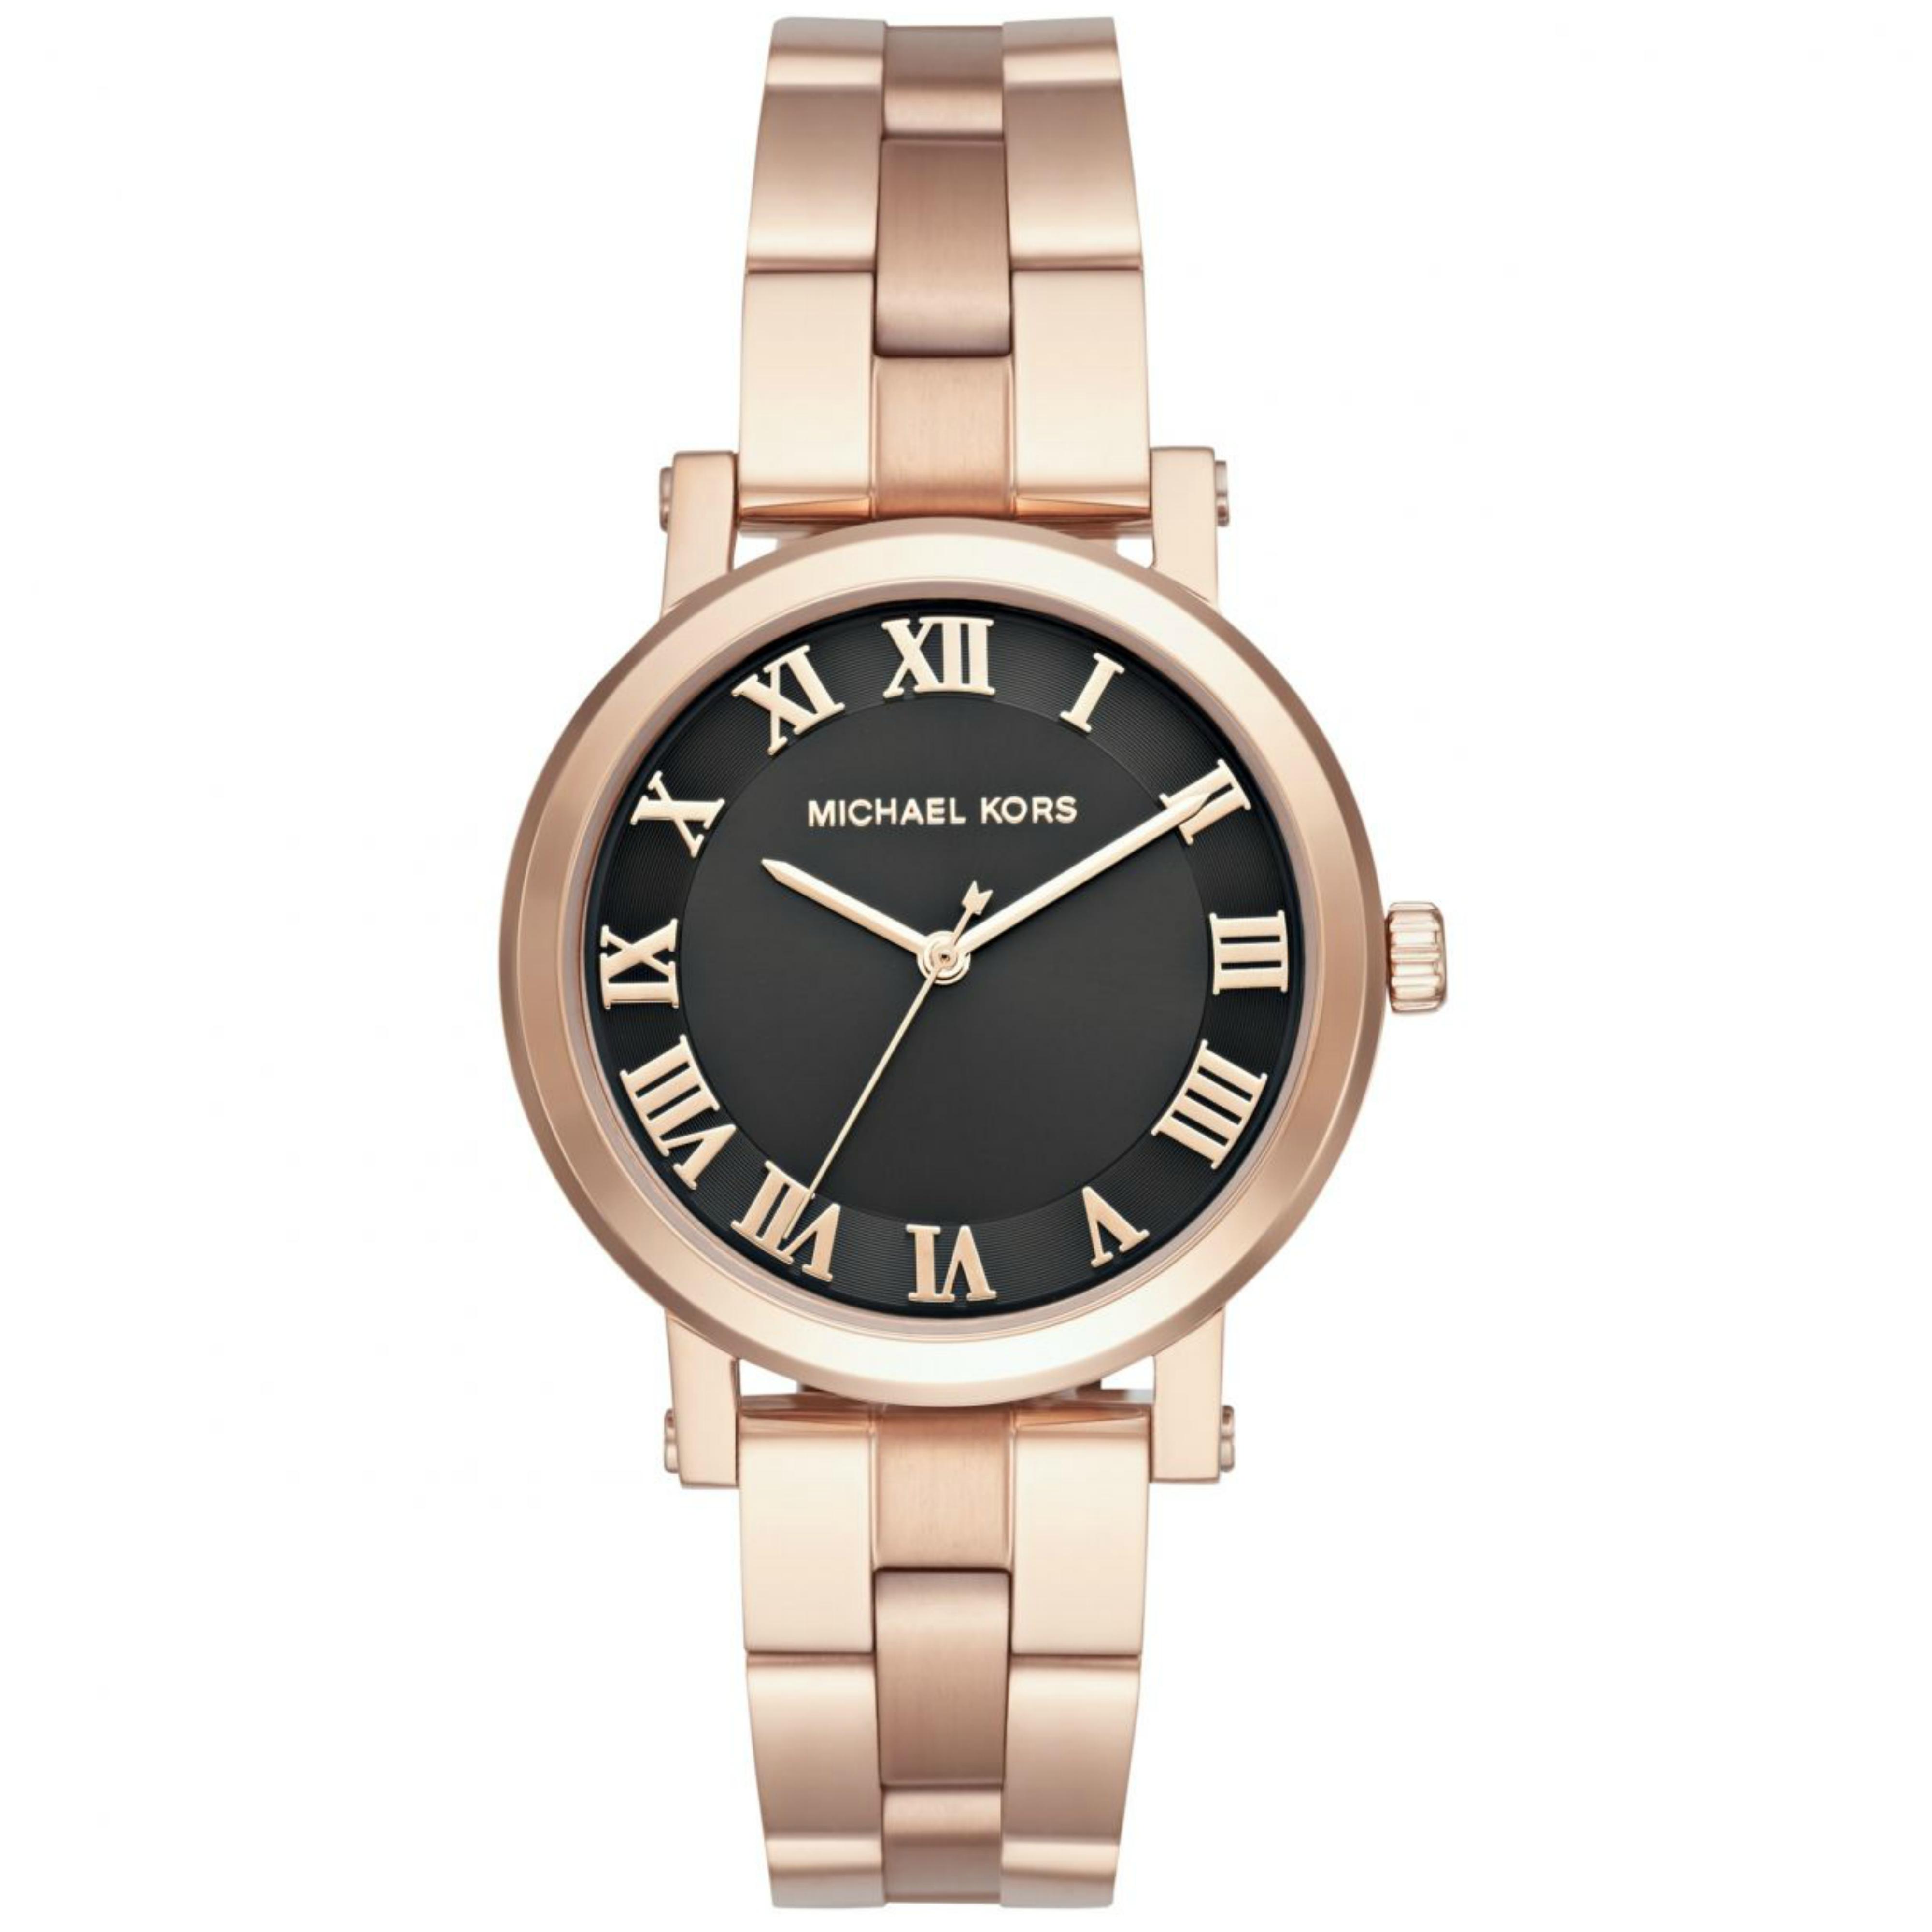 b42d51b19df5 Michael Kors Norie Ladies Black Dial Rose Gold Tone Stainless Steel Watch  MK3585